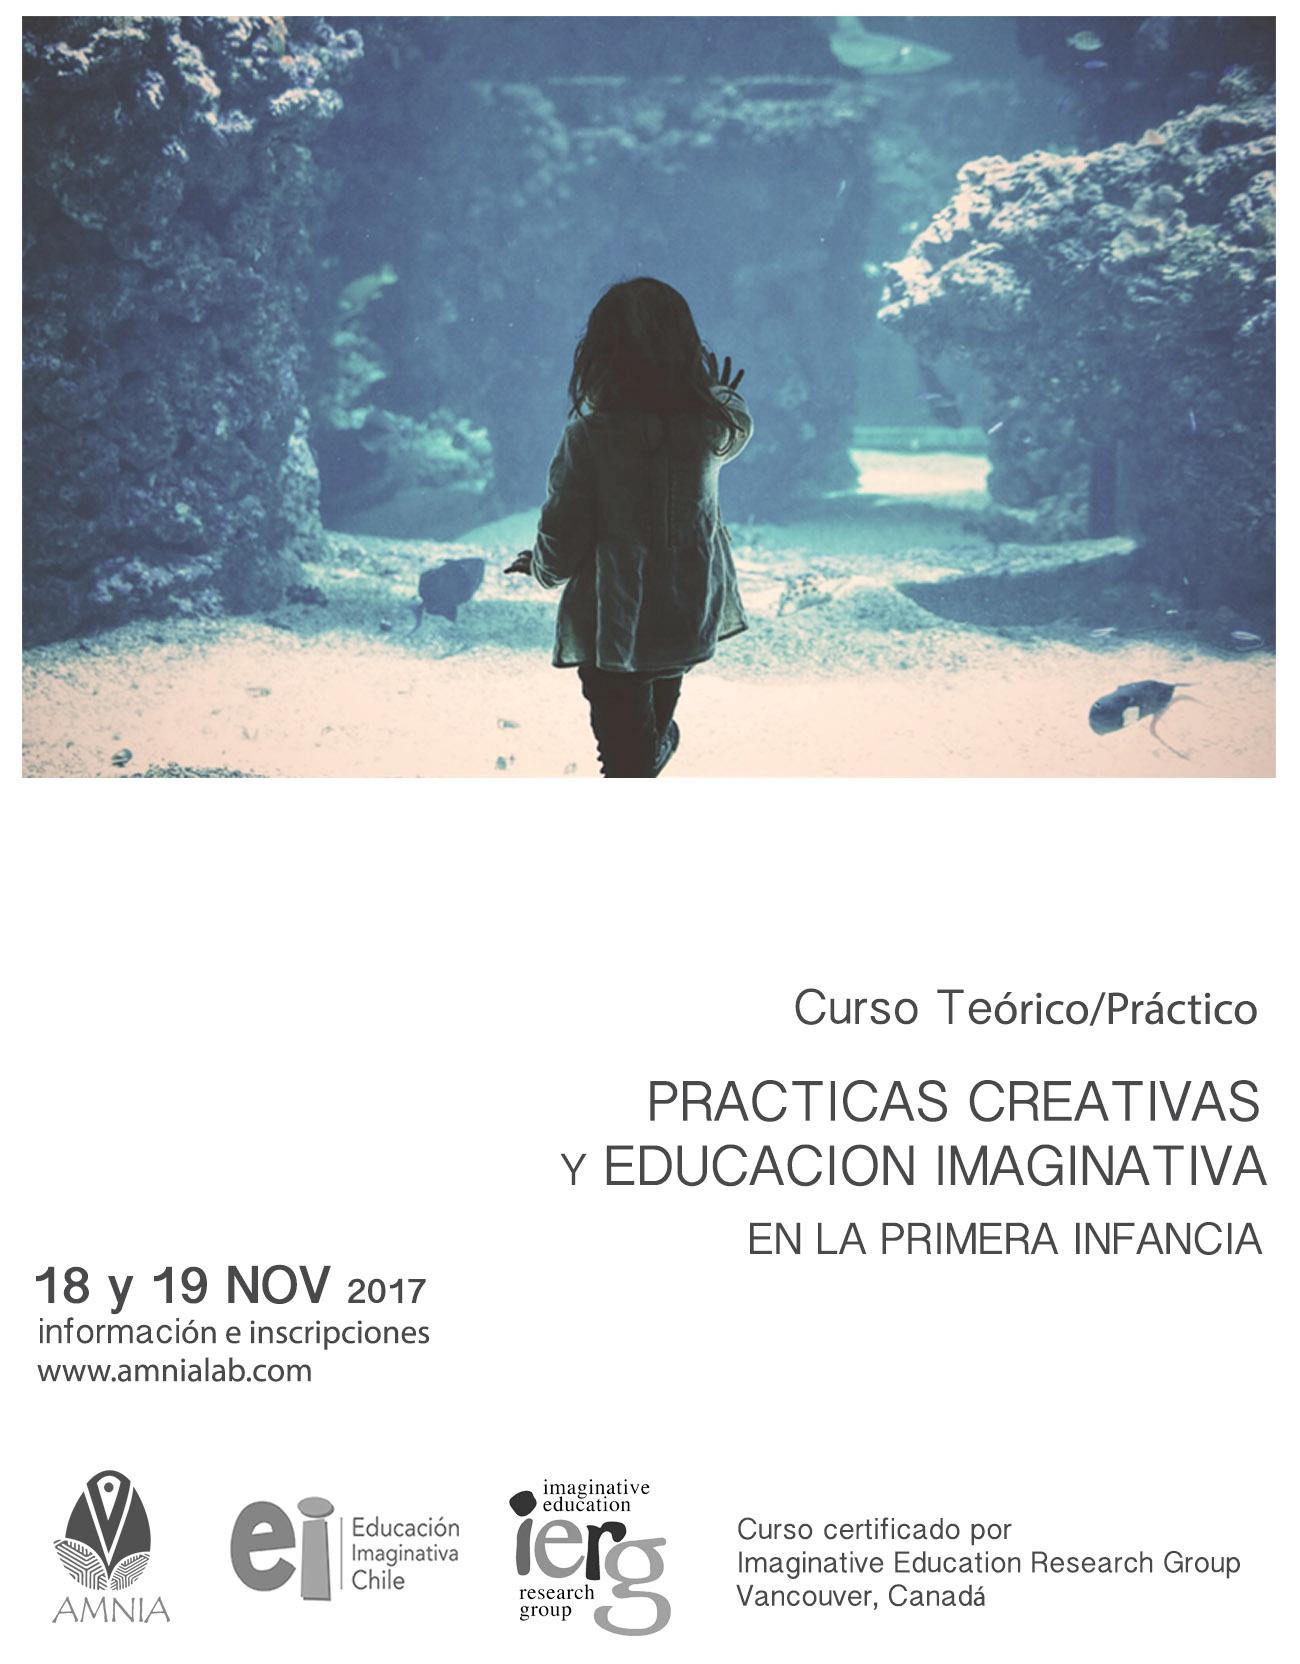 Flyer Creatividad y Educacion Imaginativa LIV.jpg